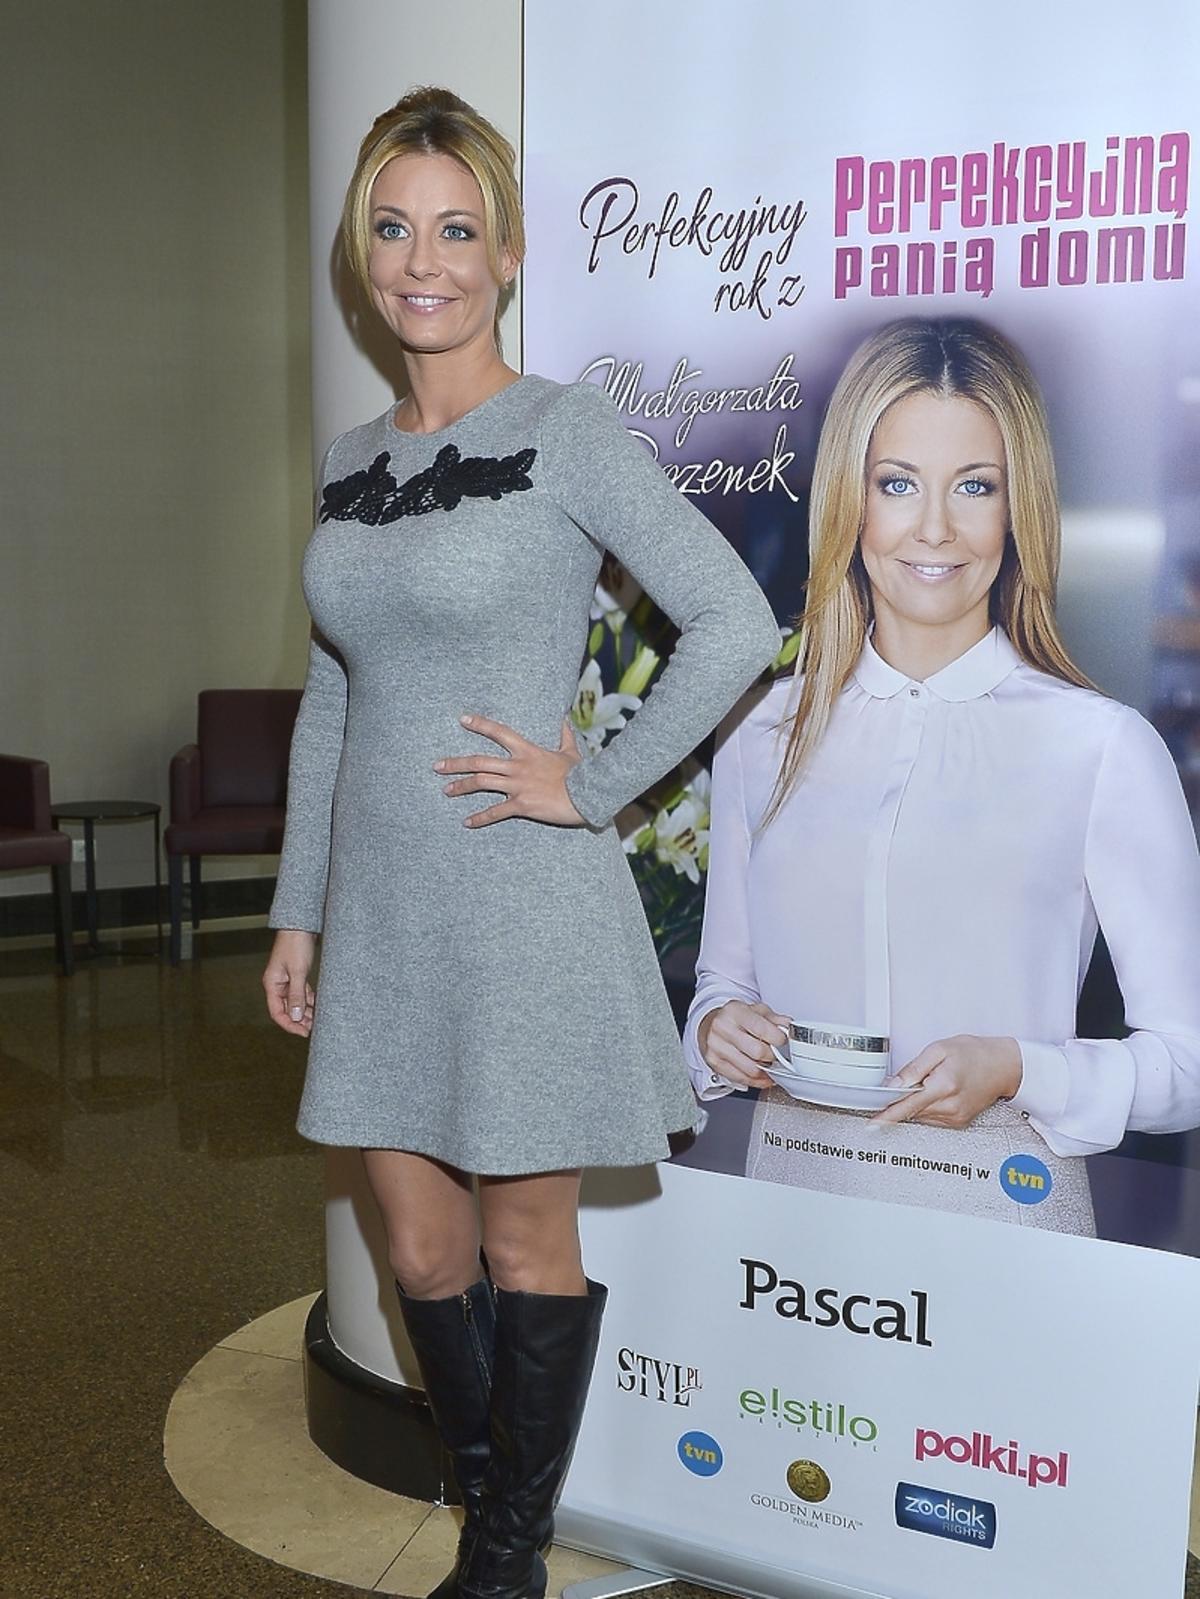 Małgorzata Rozenek na premierze książki Perfekcyjny Rok z Perfekcyjną Panią Domu